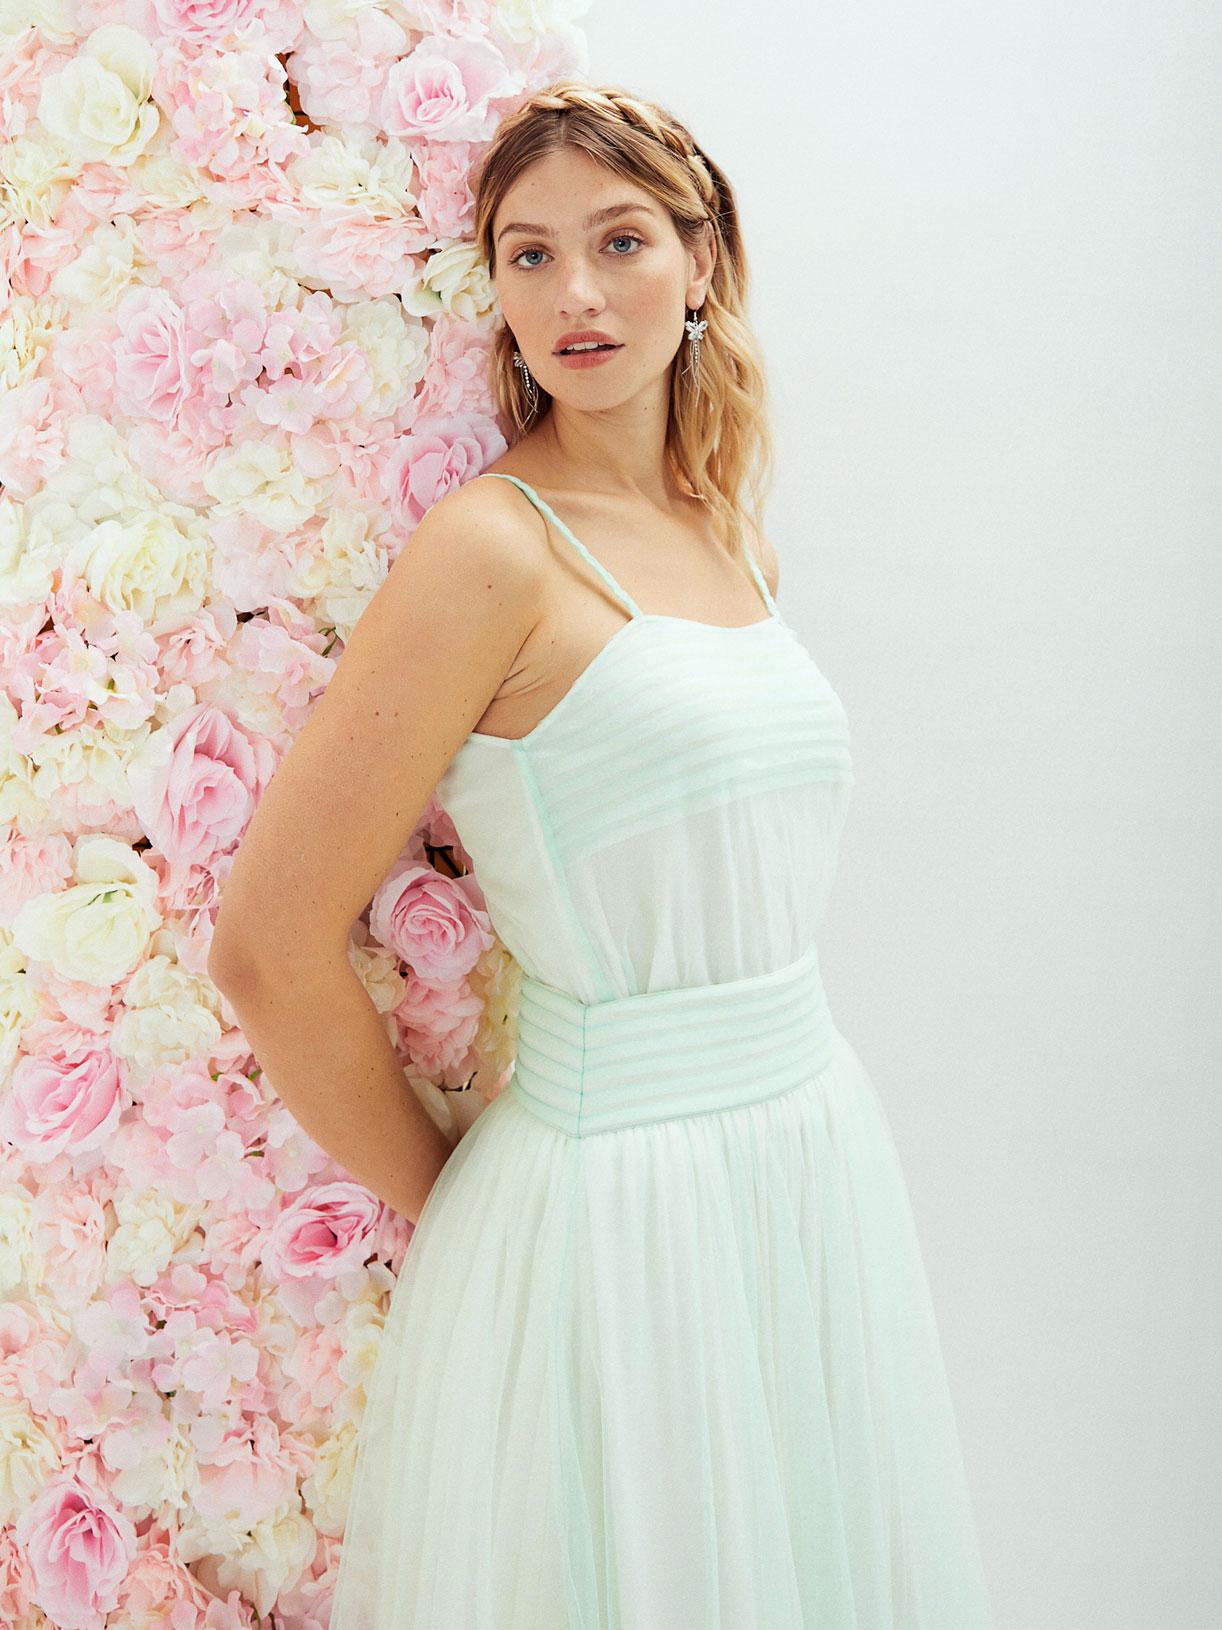 Robe de mariee coloree boheme princesse ecoresponsable - Creatrice de robe de mariée éthique et écoresponsable a Paris - Myphilosophy